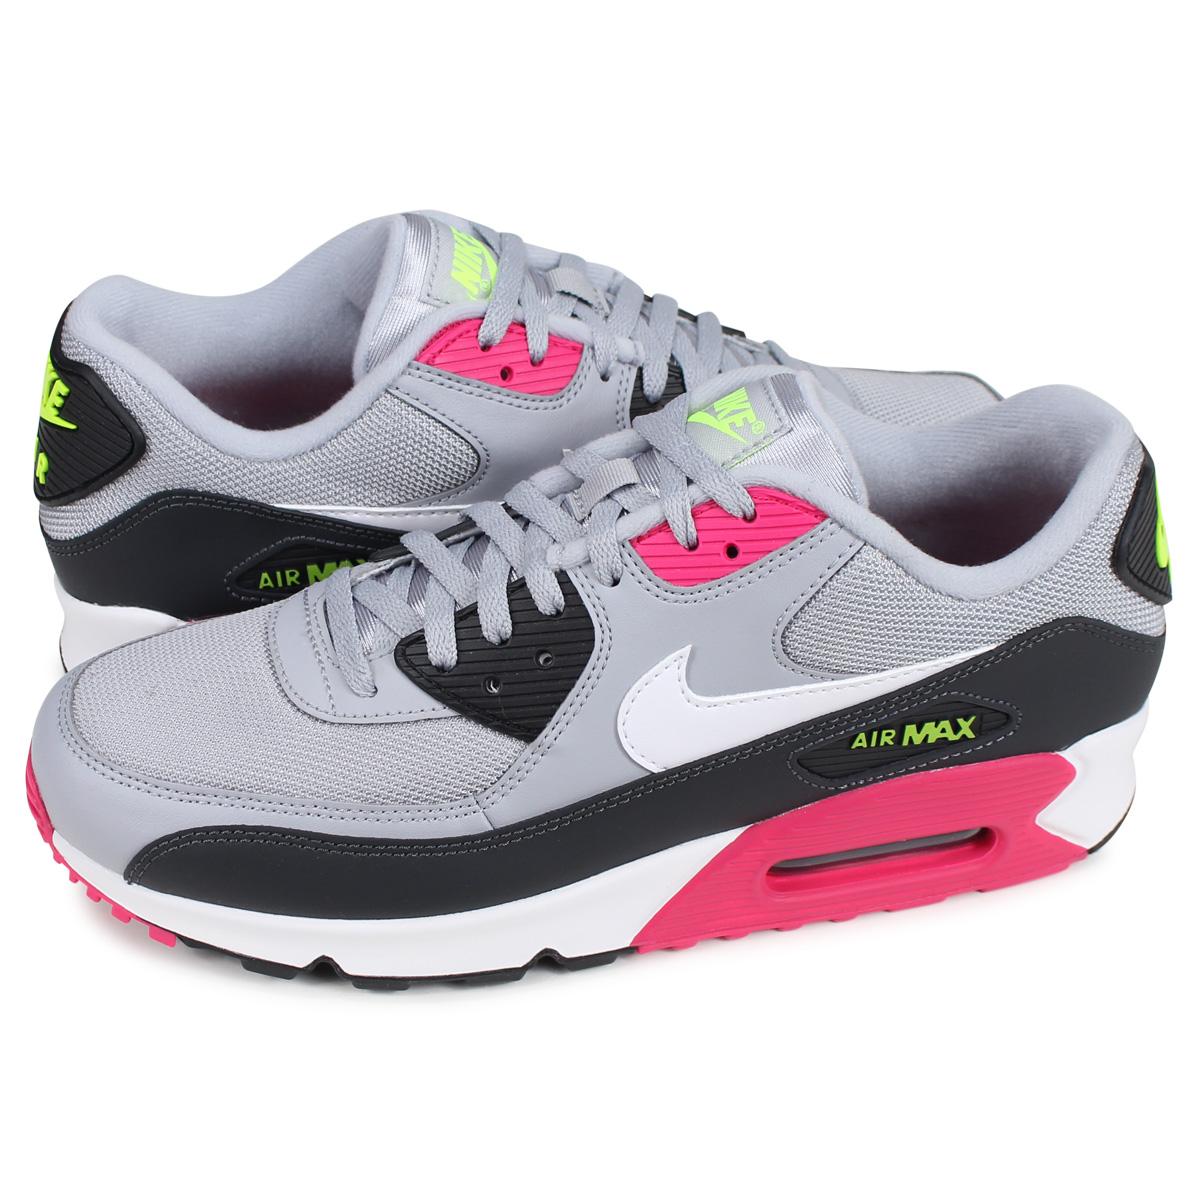 Nike NIKE Air Max 90 essential sneakers men AIR MAX 90 ESSENTIAL gray AJ1285 020 [823 reentry load]